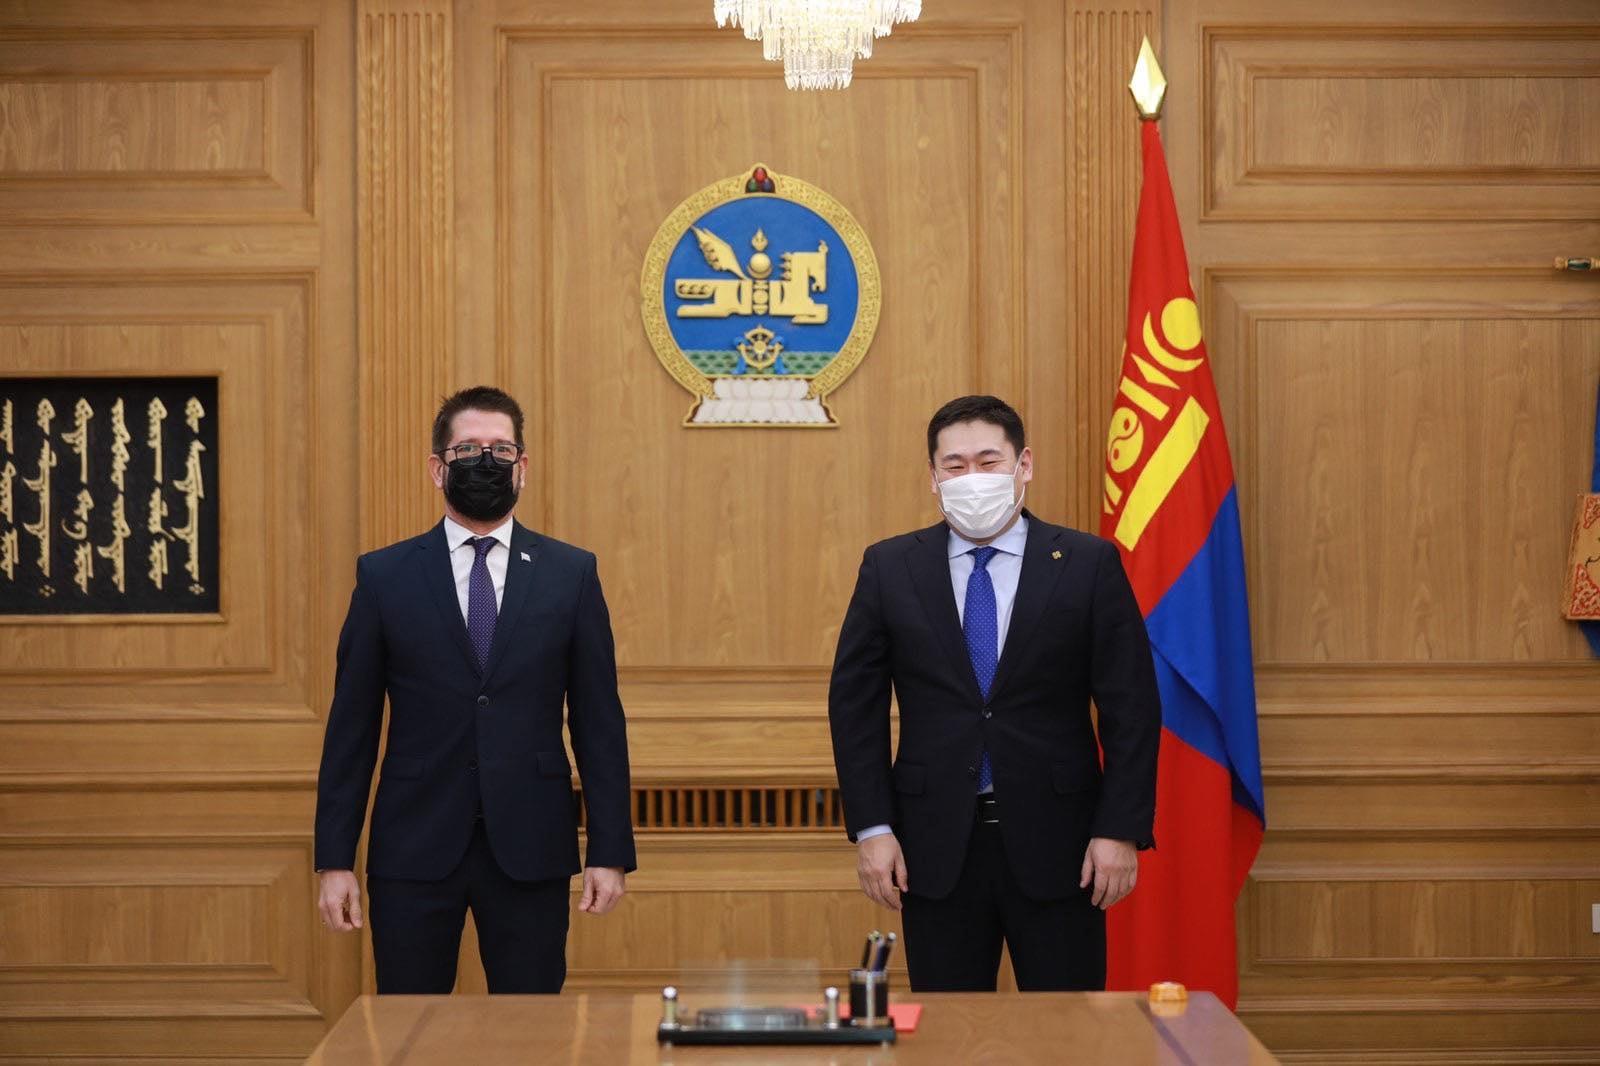 Монгол Улсын Ерөнхий сайд Л.Оюун-Эрдэнэ Куба Улсын Элчин сайд Раул Делгадо Консепсионыг хүлээн авч уулзав